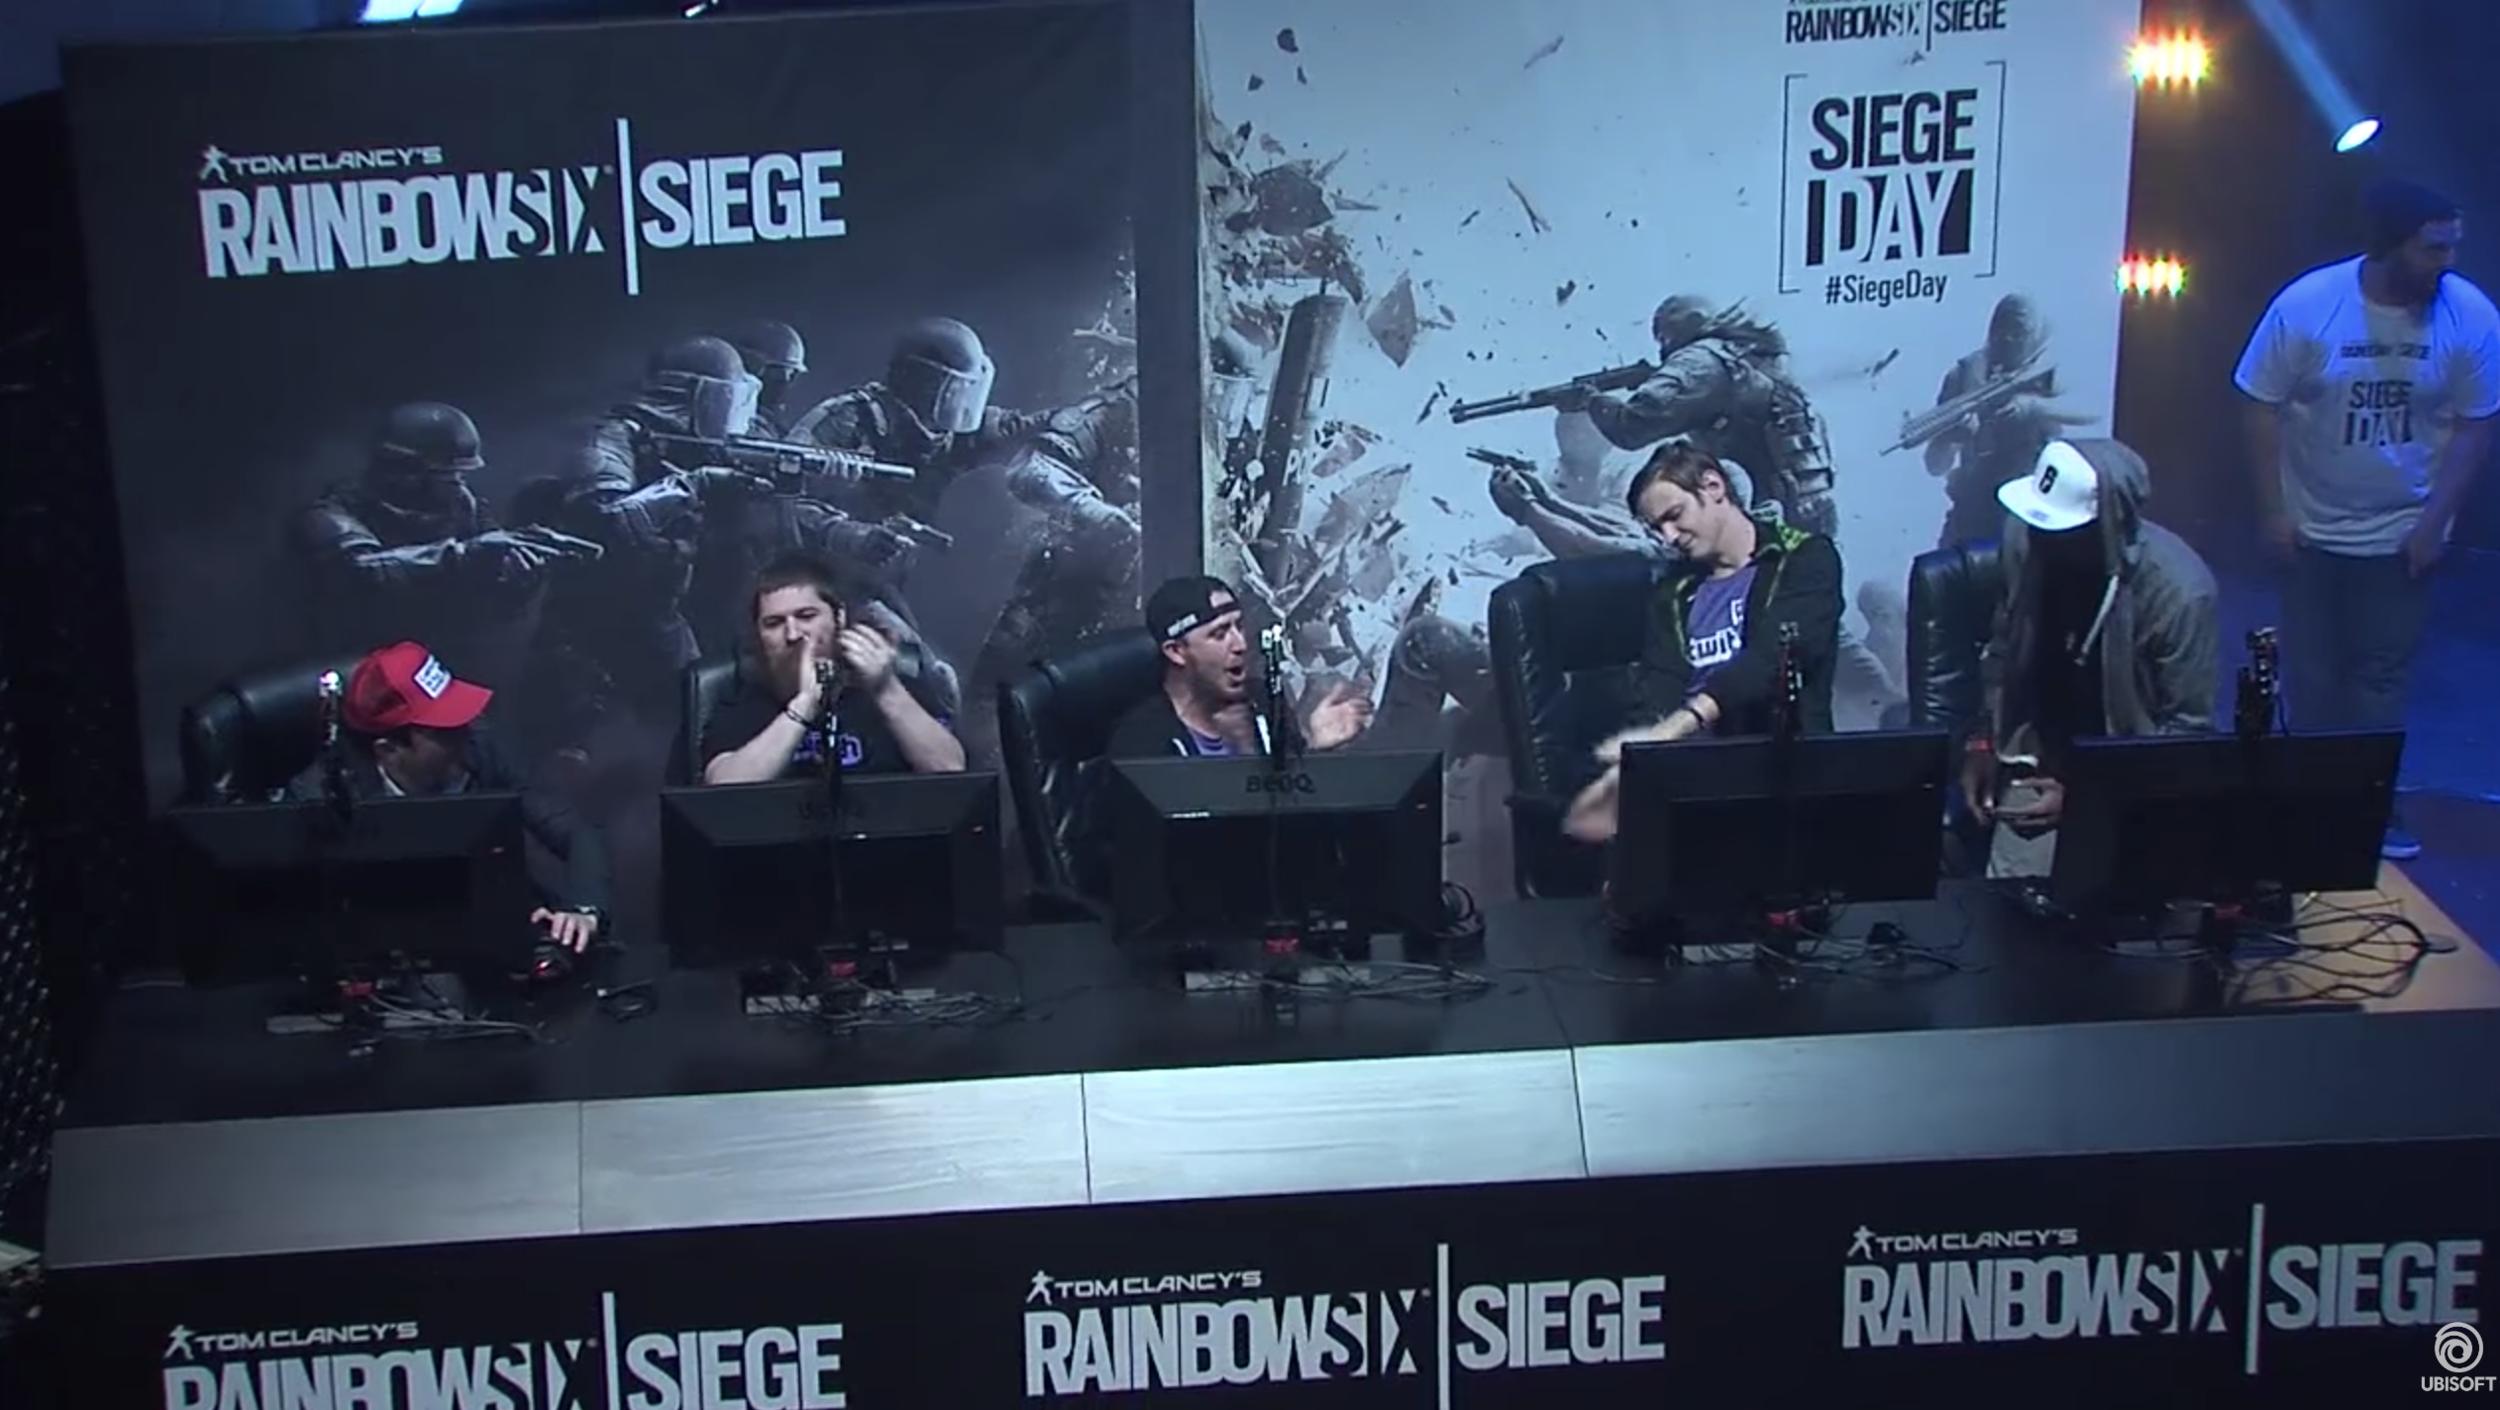 Rainbow 6: Siege Day